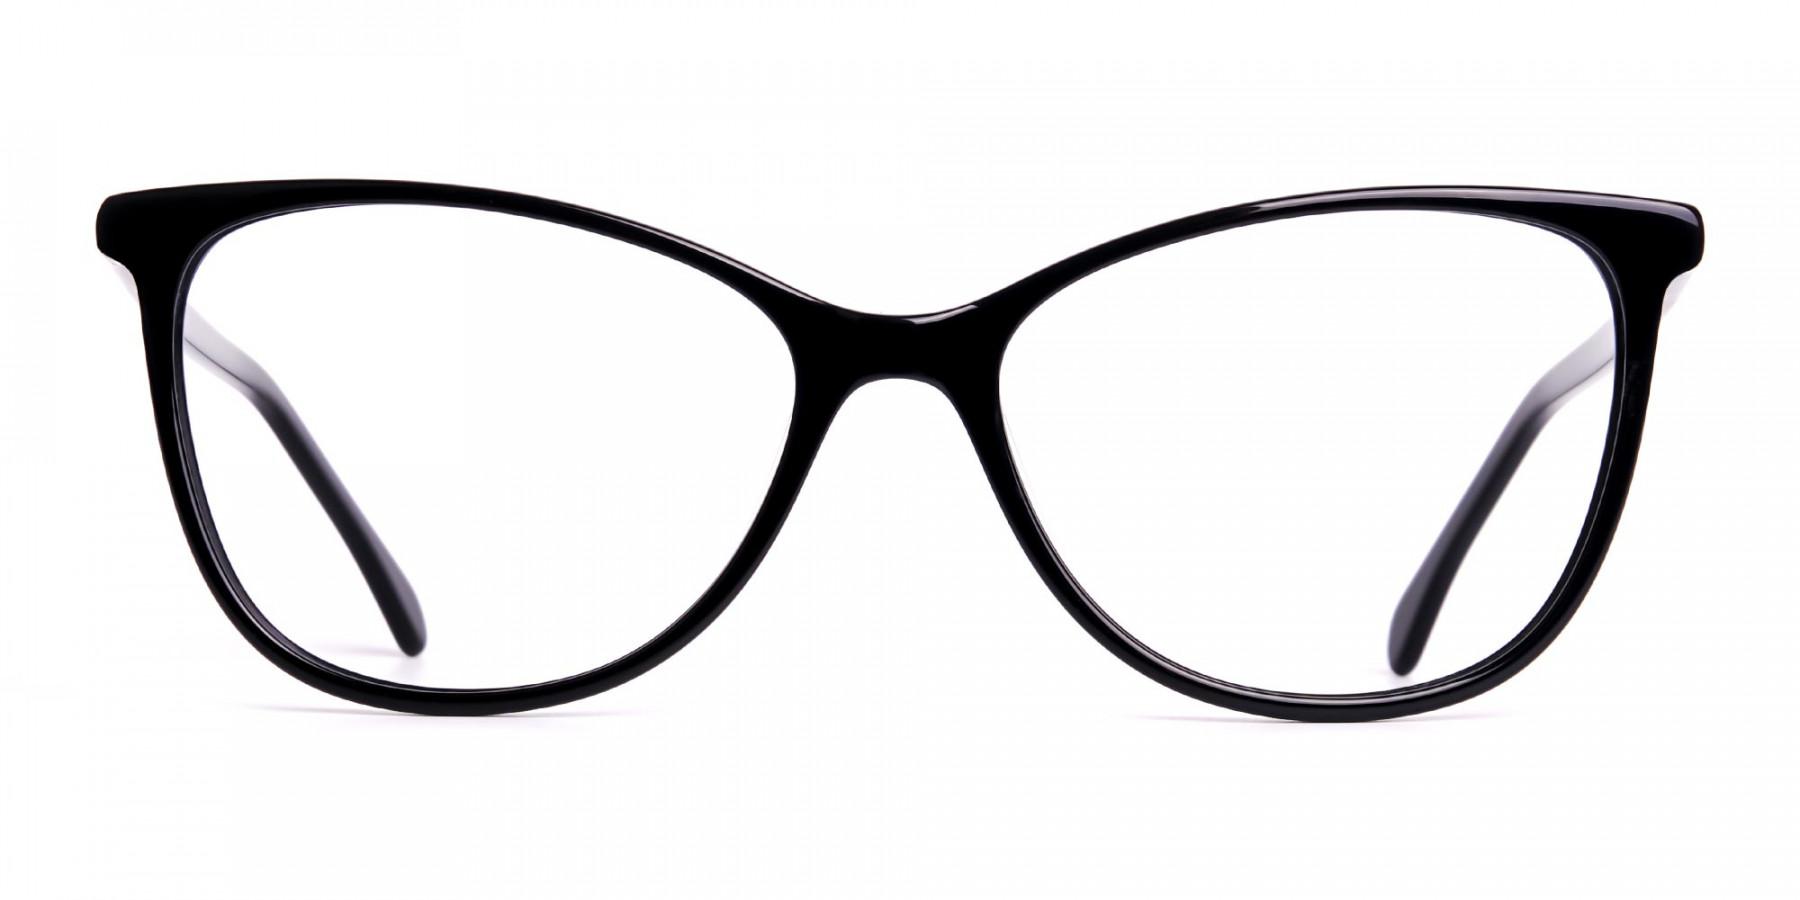 black-cat-eye-full-rim-glasses-1